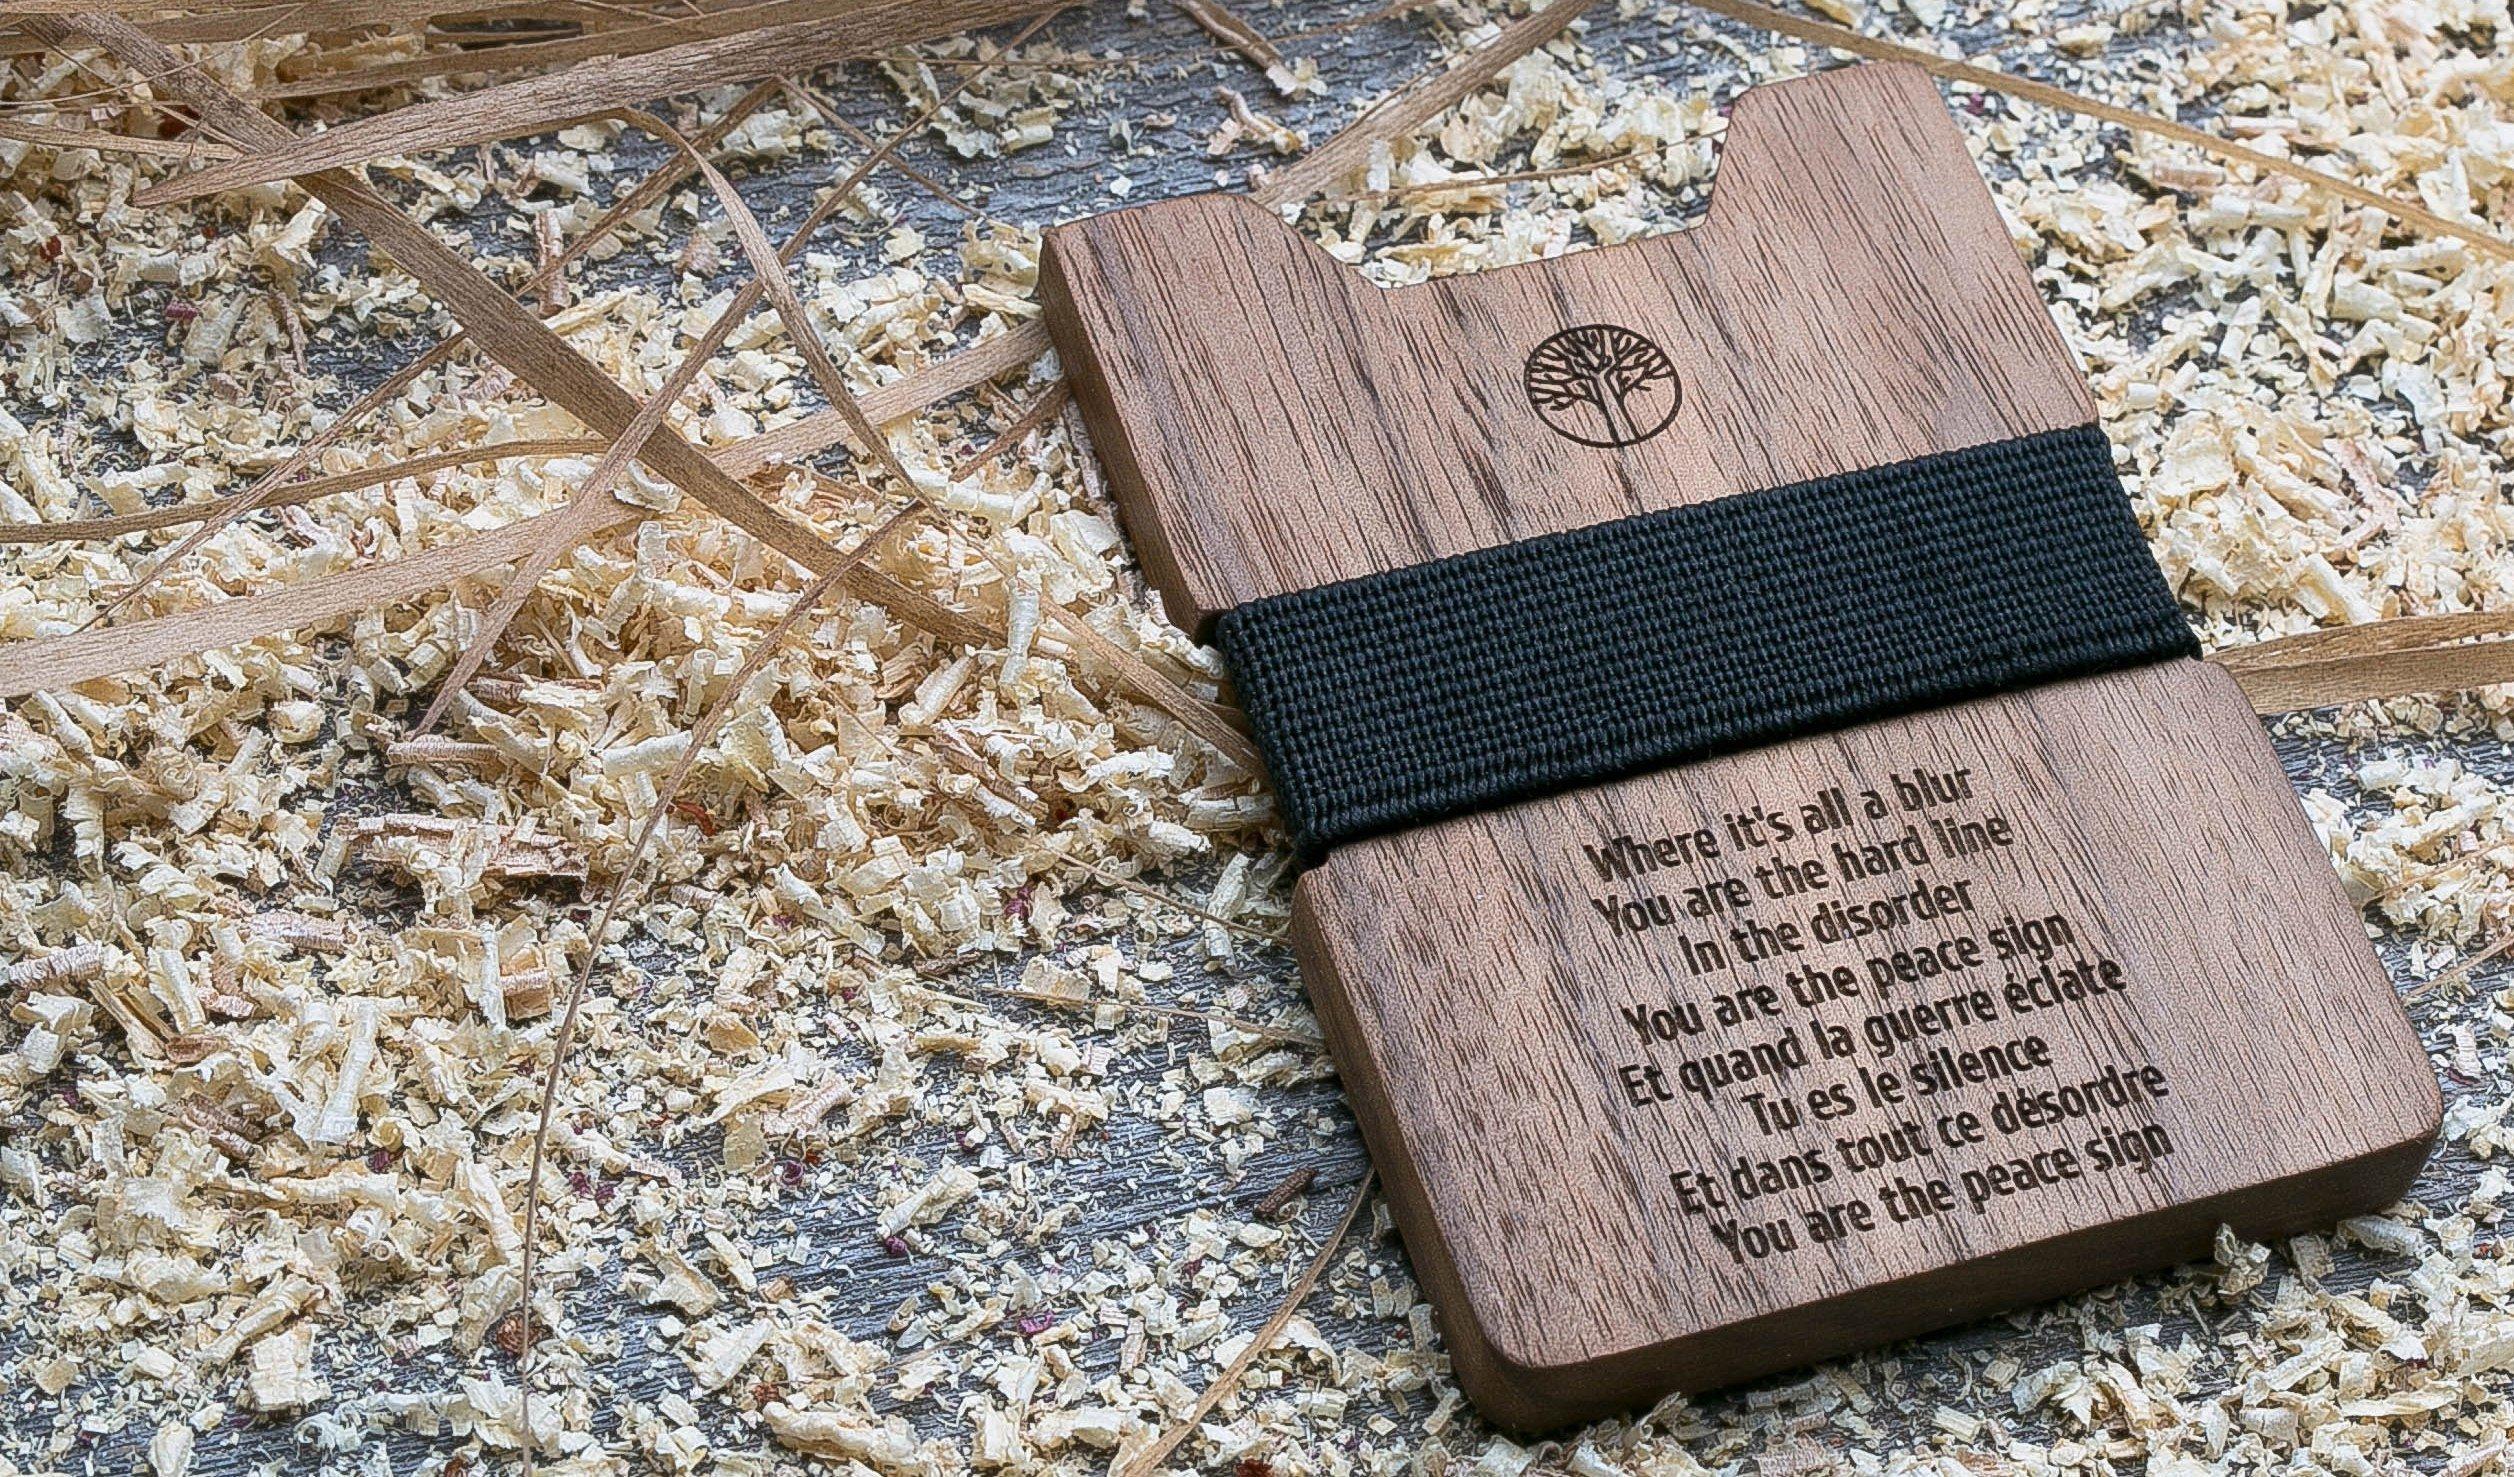 Деревянный кошелек из африканской сапеле. Вертикальная загрузка. Для 1-6 пластиковых карт и купюр. Поддержка Apple Pay. Гравировка имени или логотипа. Бизнес сувенир. Подарок другу. Именной кошелек